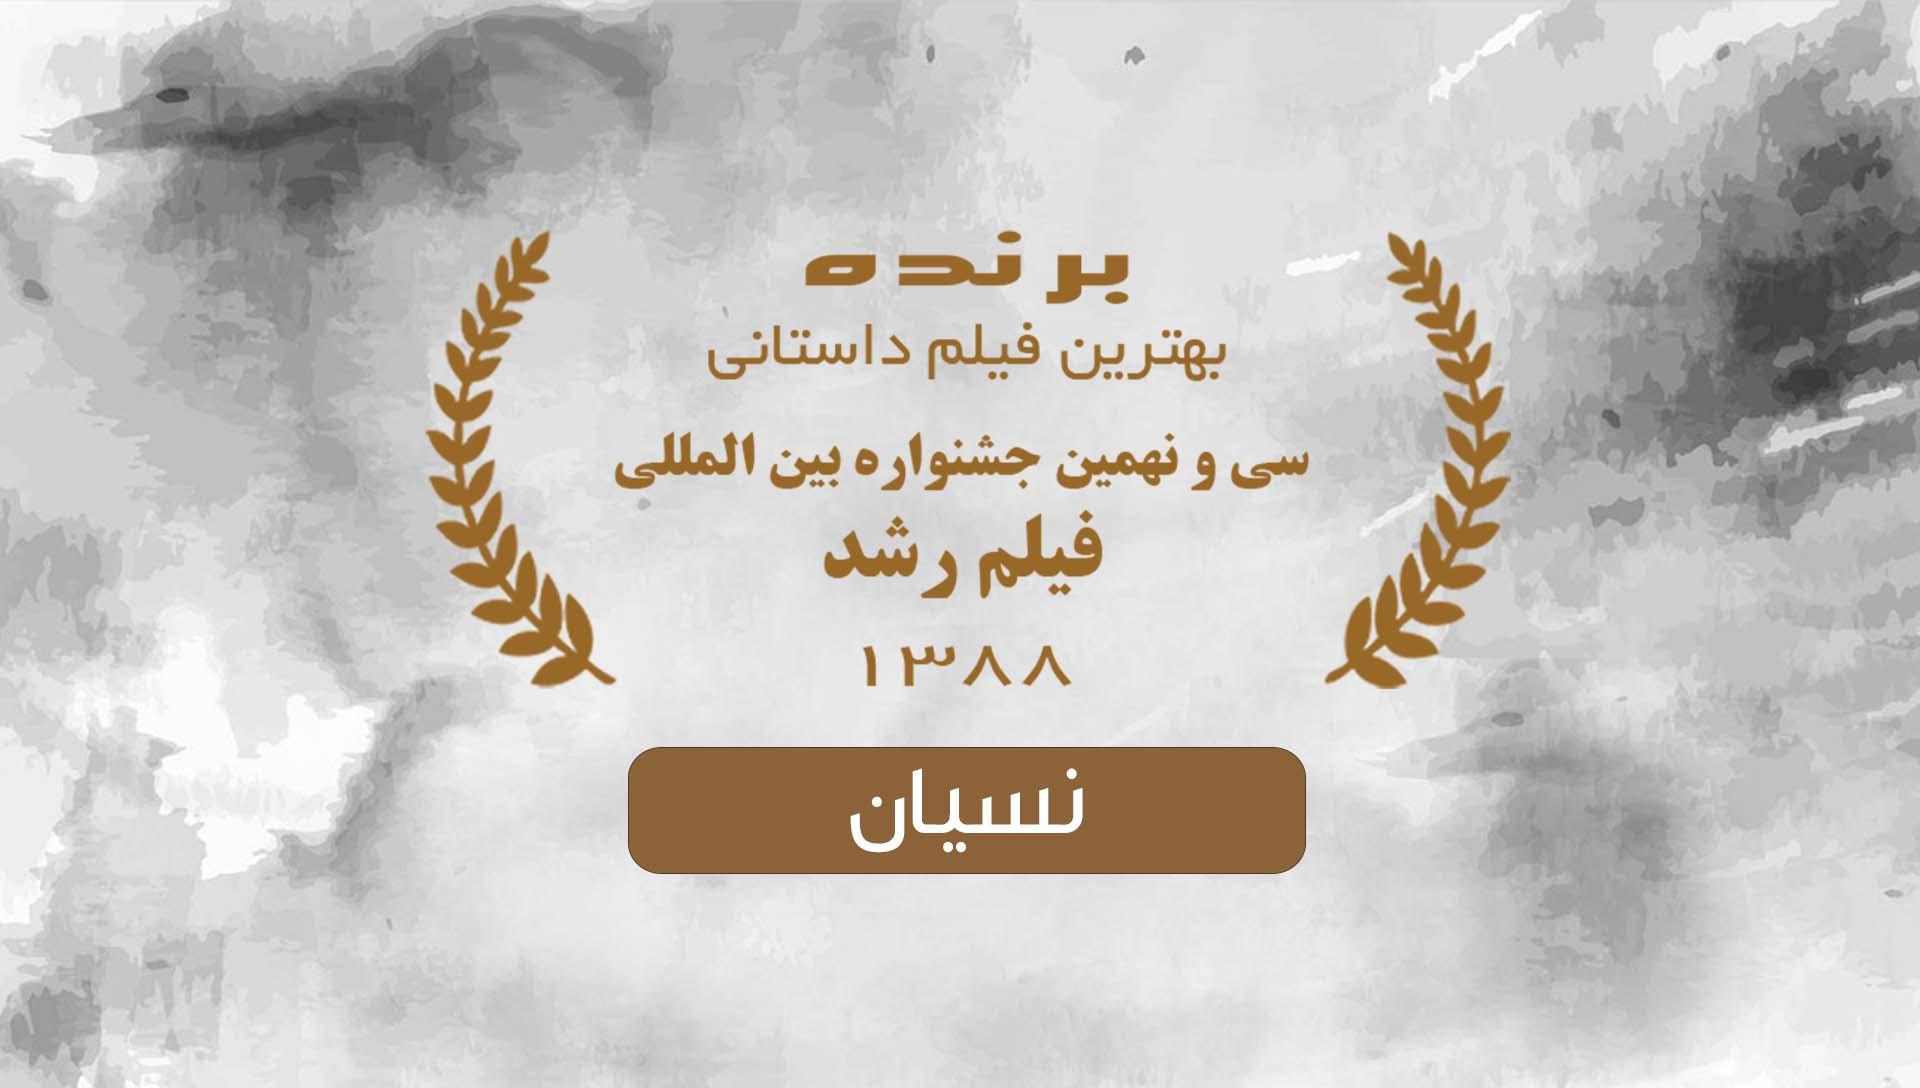 جشنواره رشد 88 - شرکت فیلم سازی زوم شیراز برادران شریفی